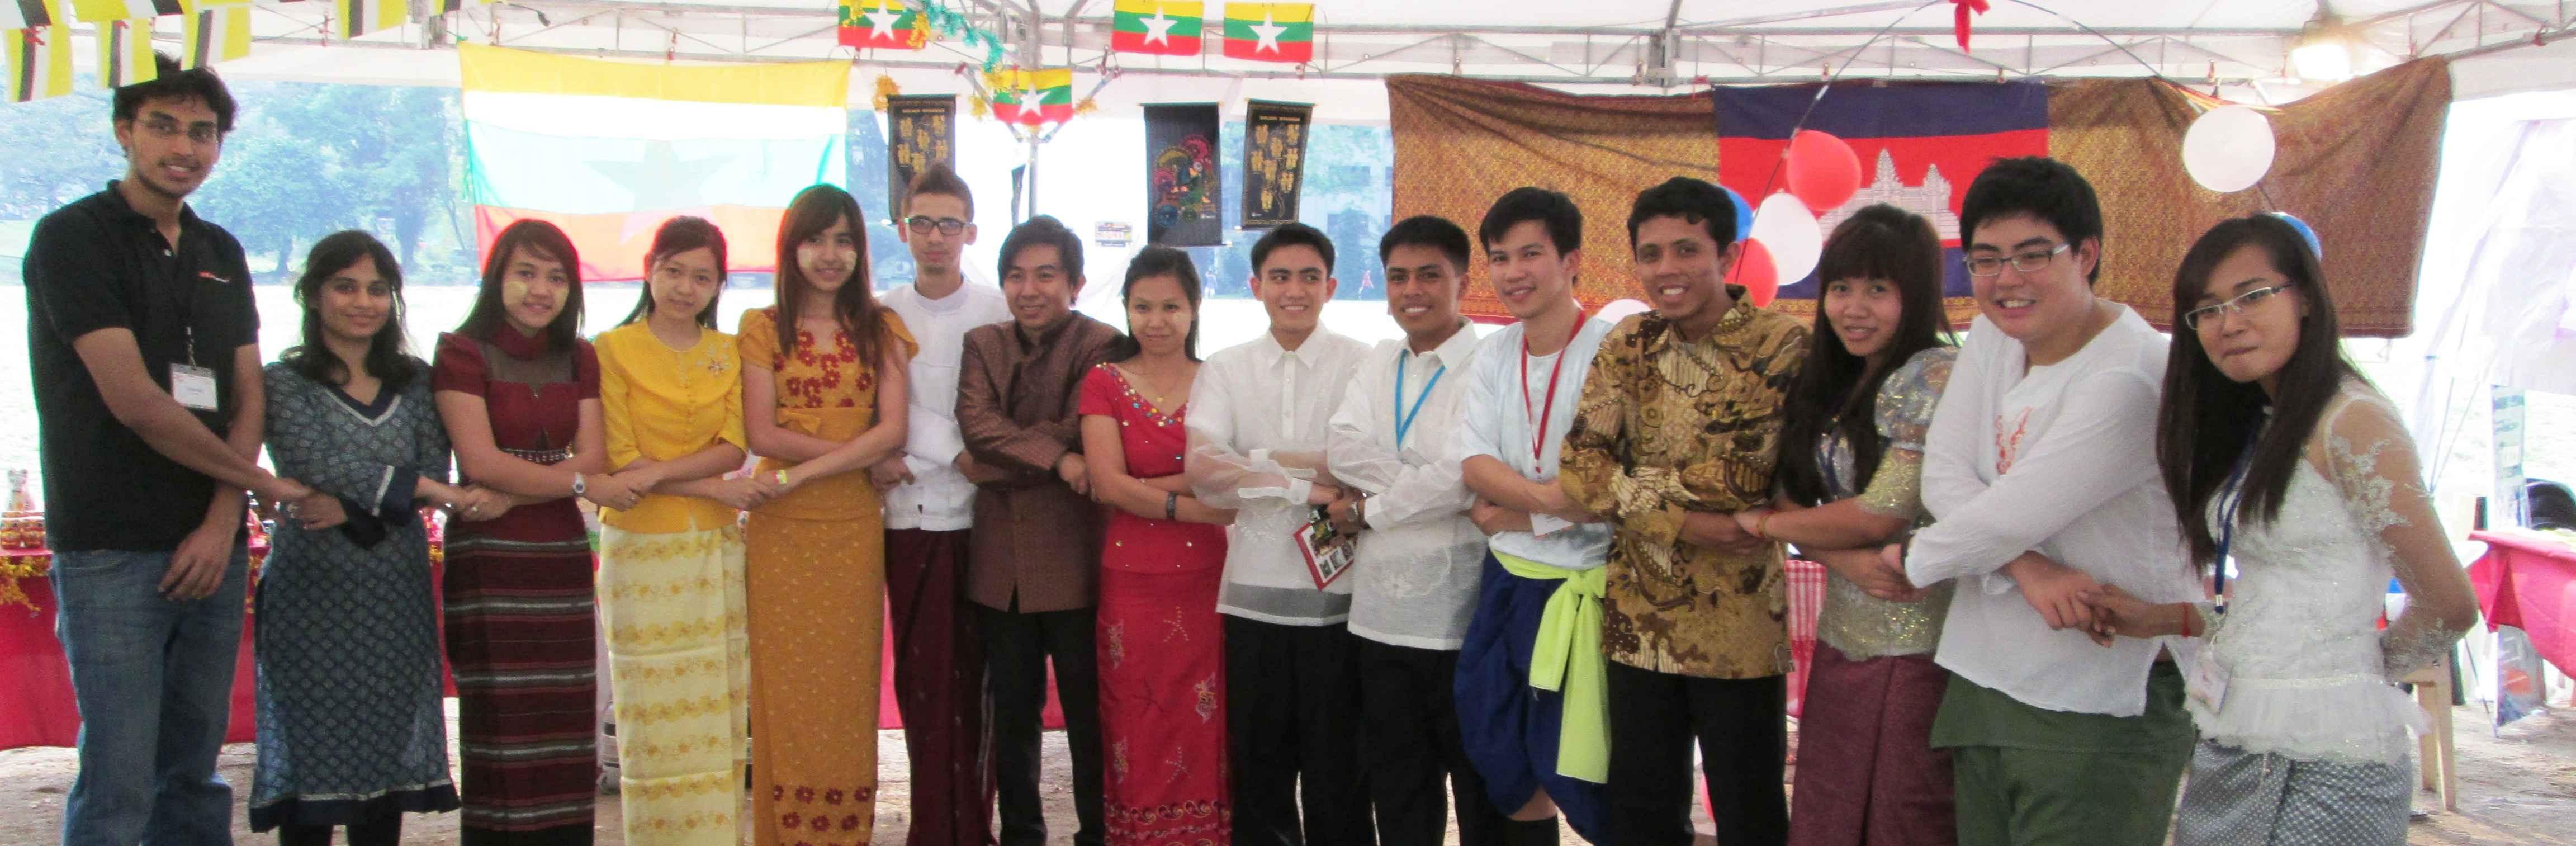 ASEAN delegation